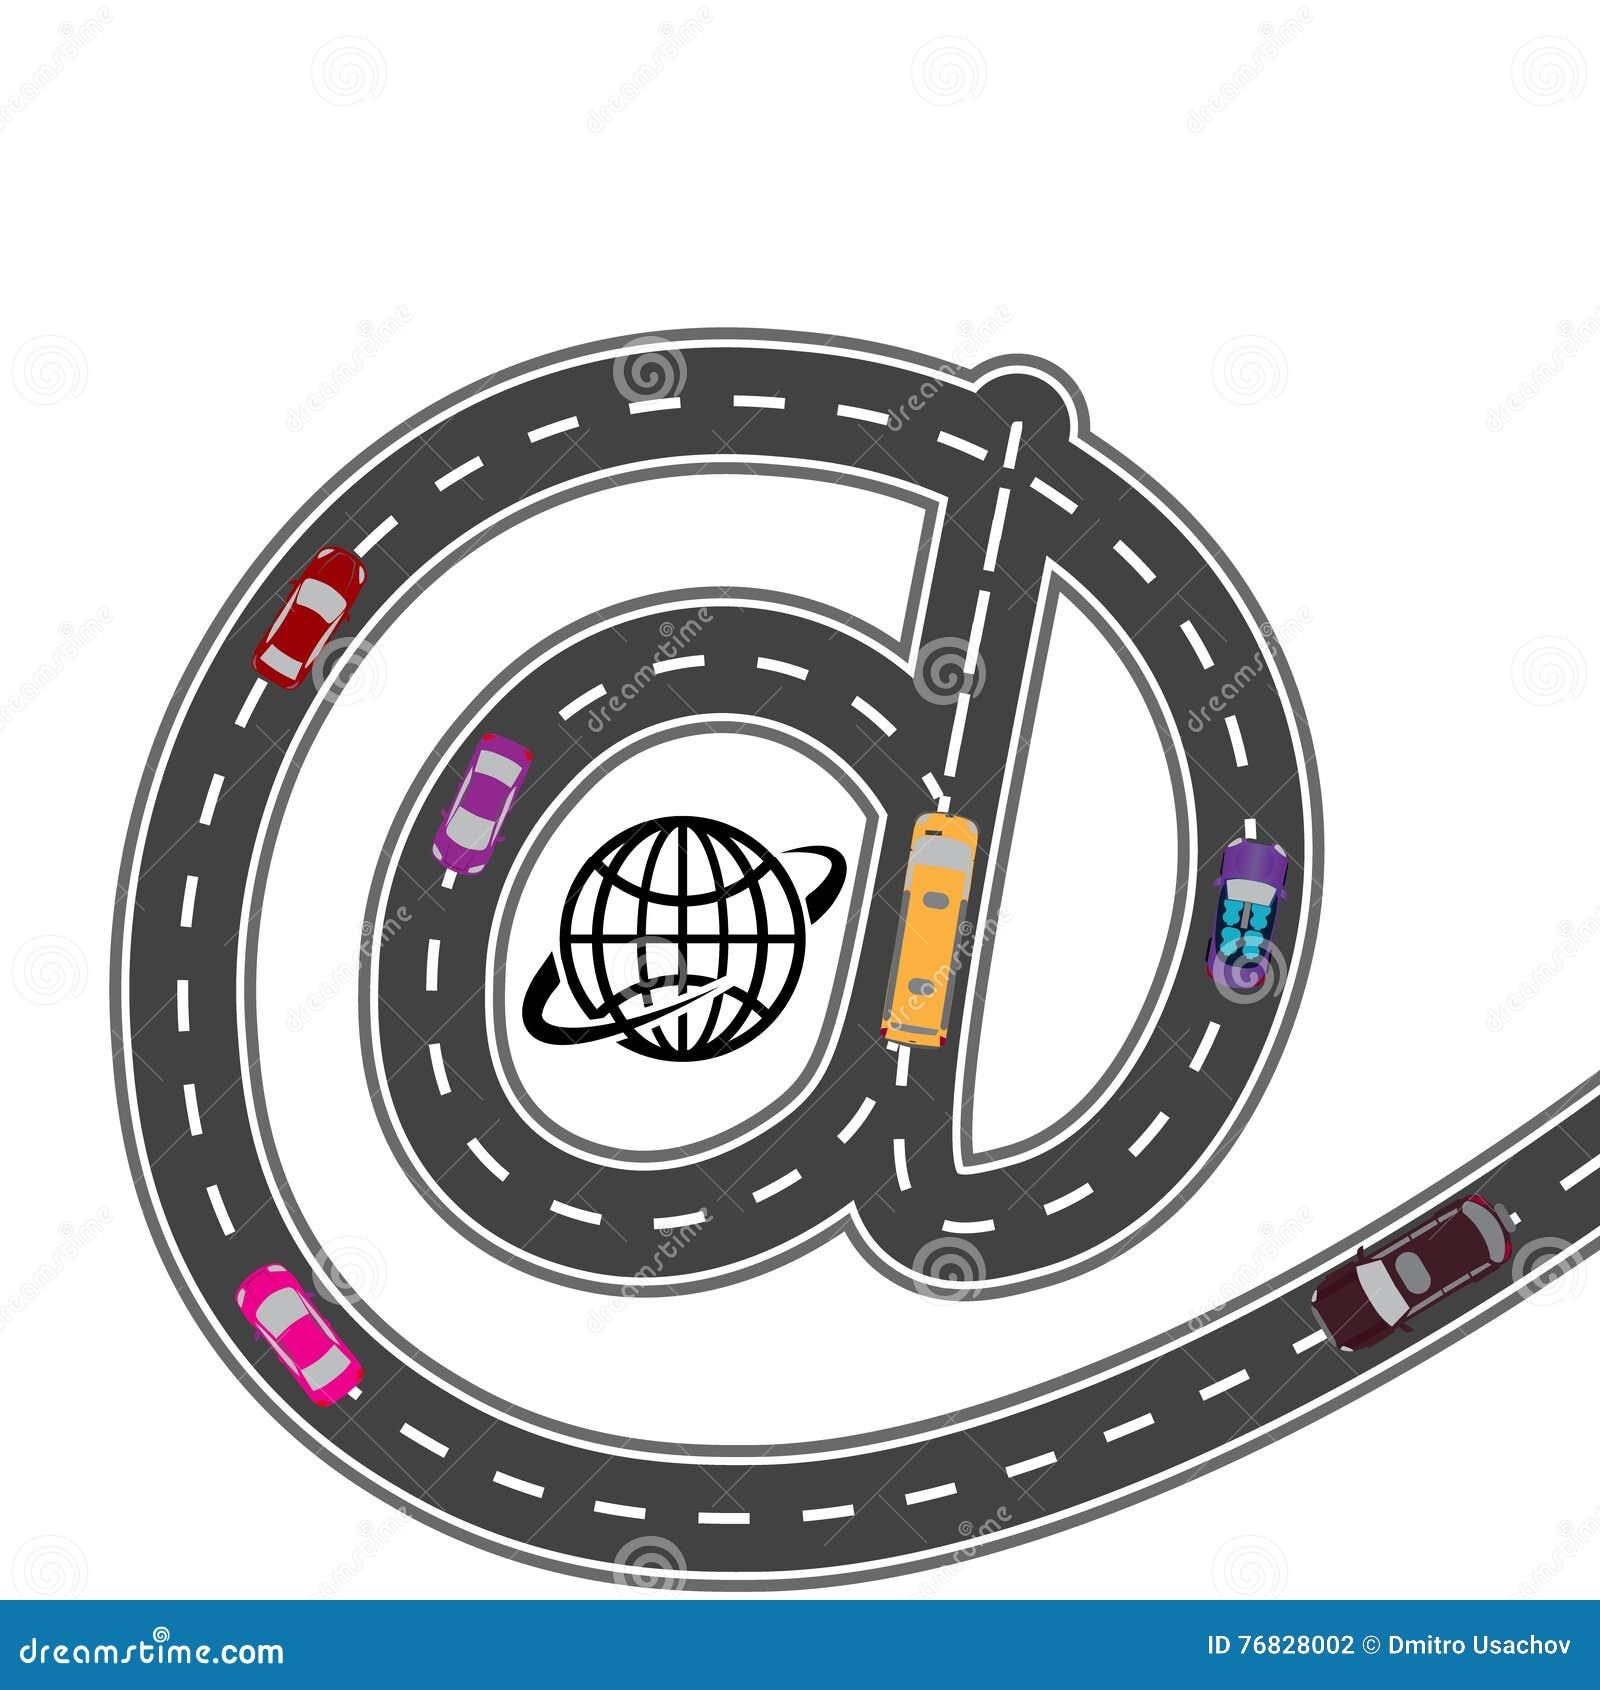 Automatisk utrustning Med internetnavigatören - banan är kortare Humoristiskt bild illustration